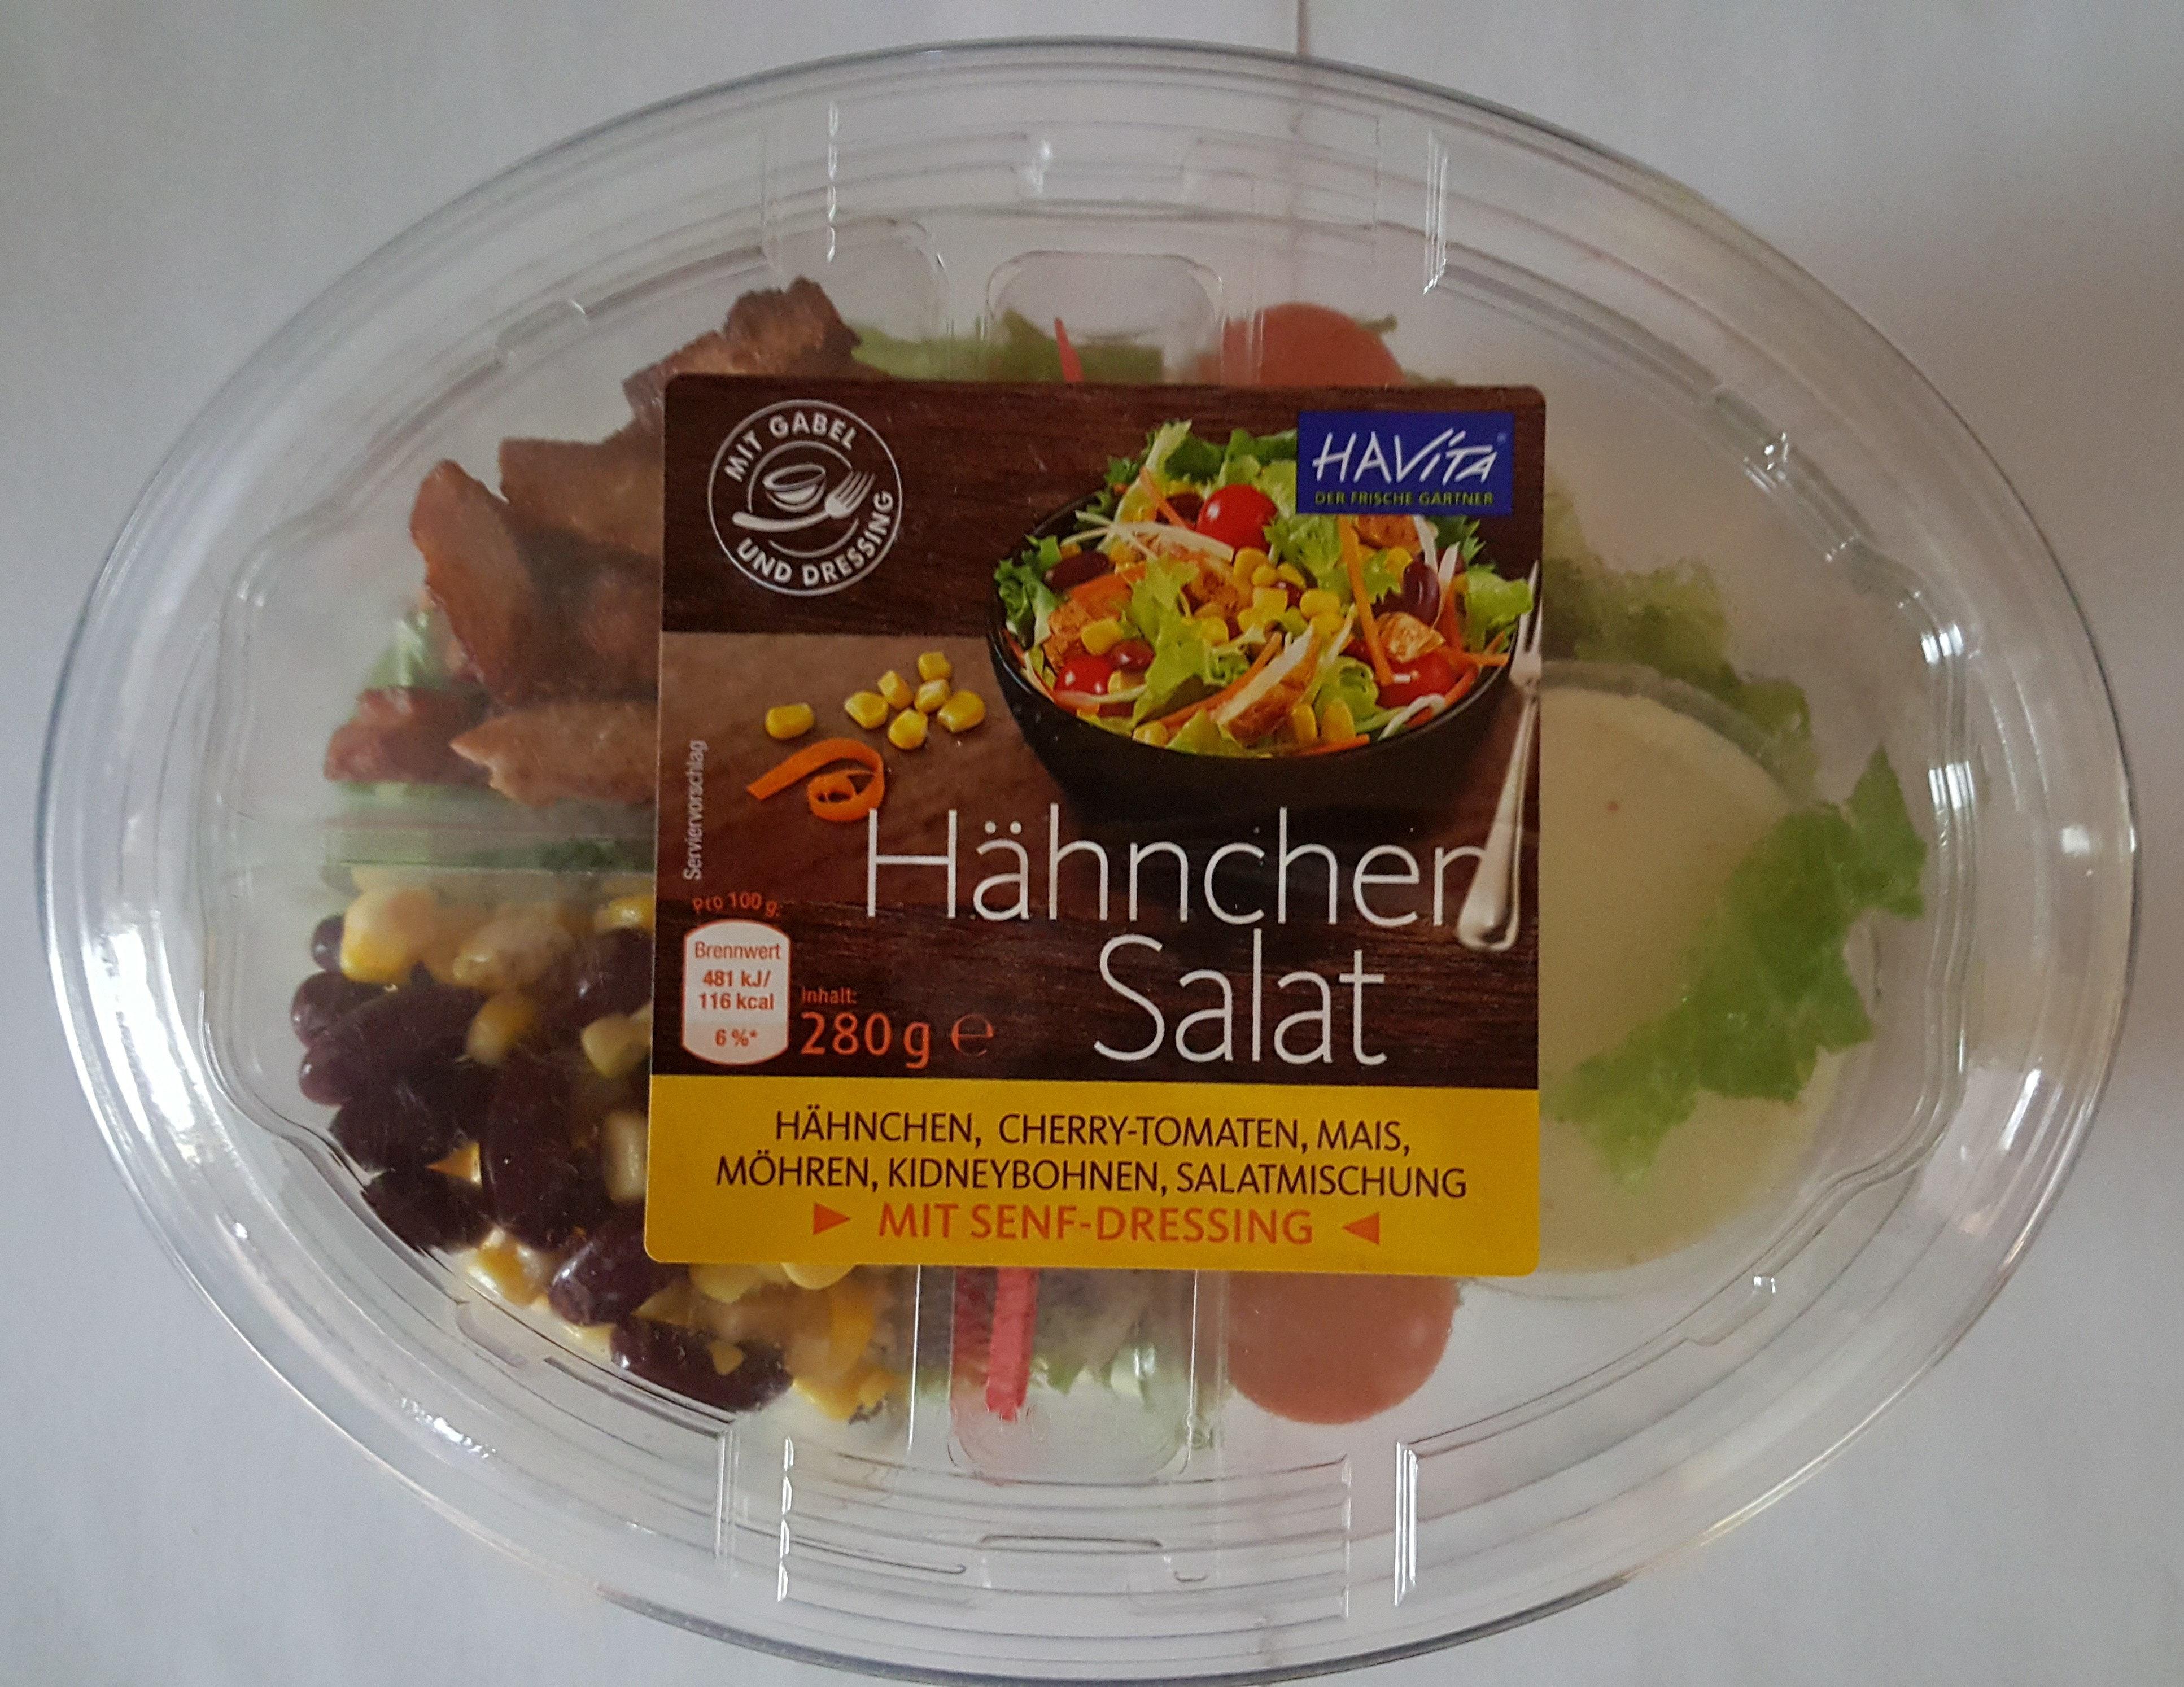 Hähnchen Salat - Product - de